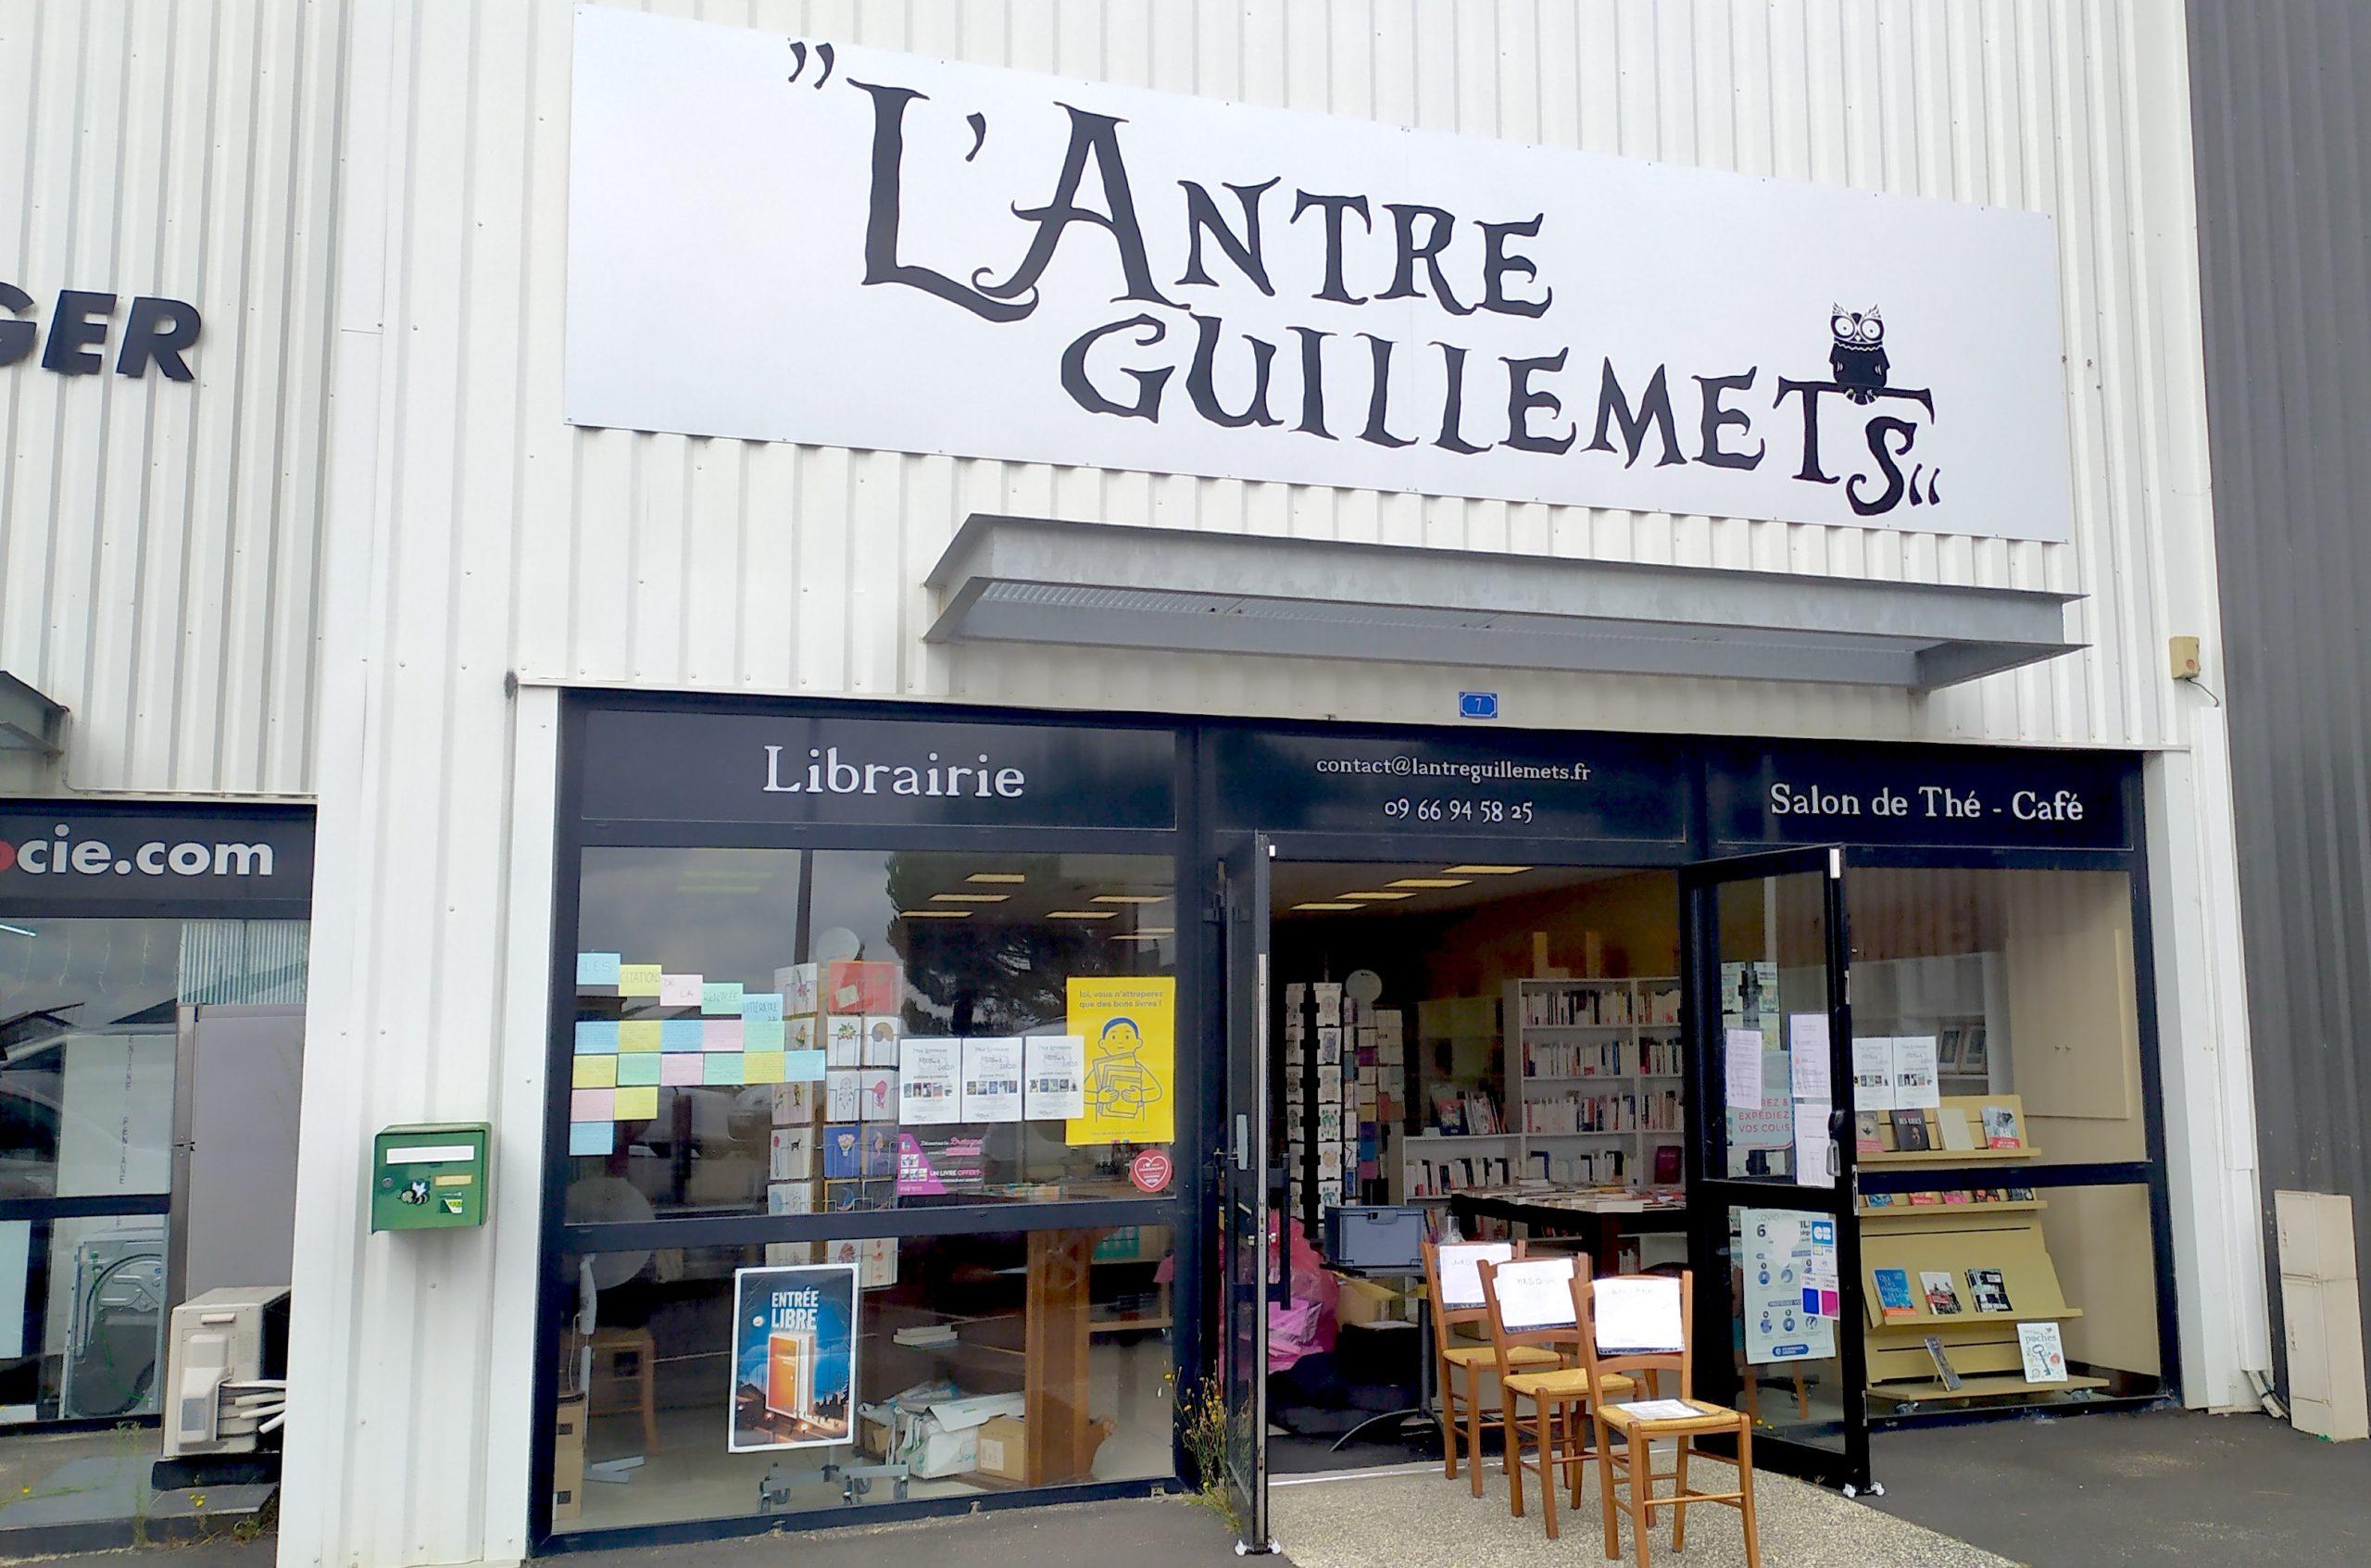 LIBRAIRIE L'ANTRE GUILLEMETS